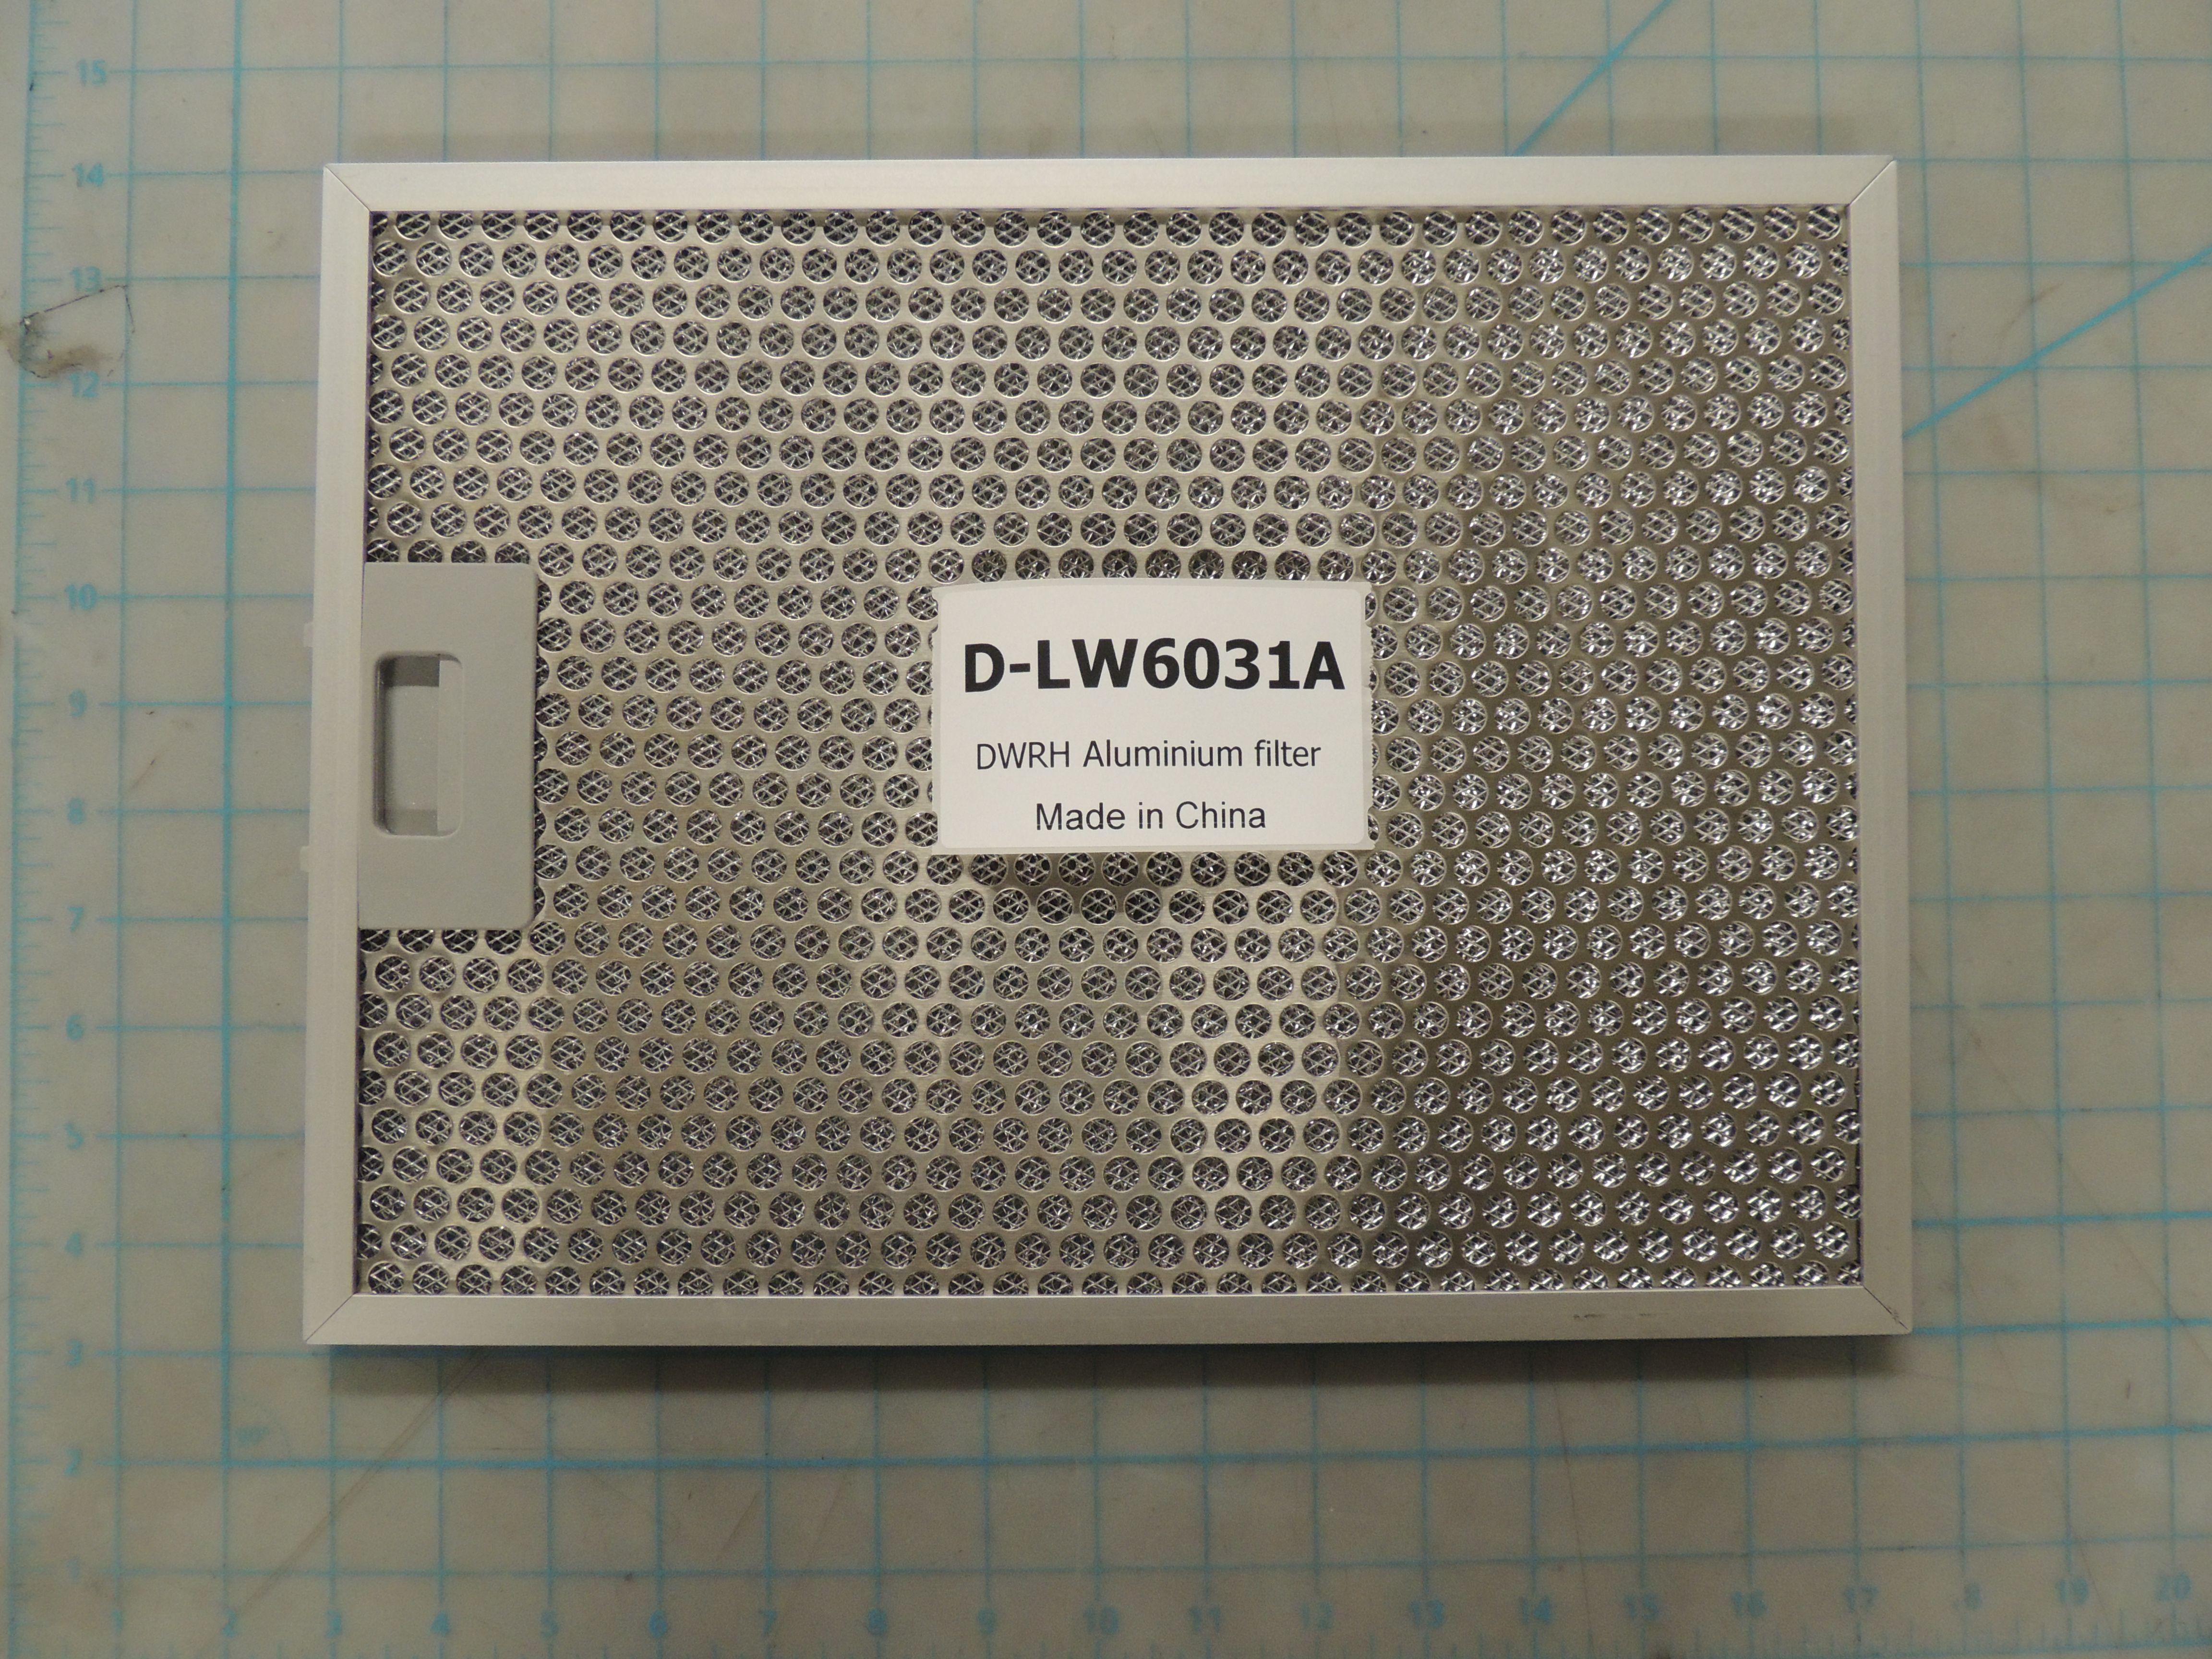 DWRH Aluminium filter